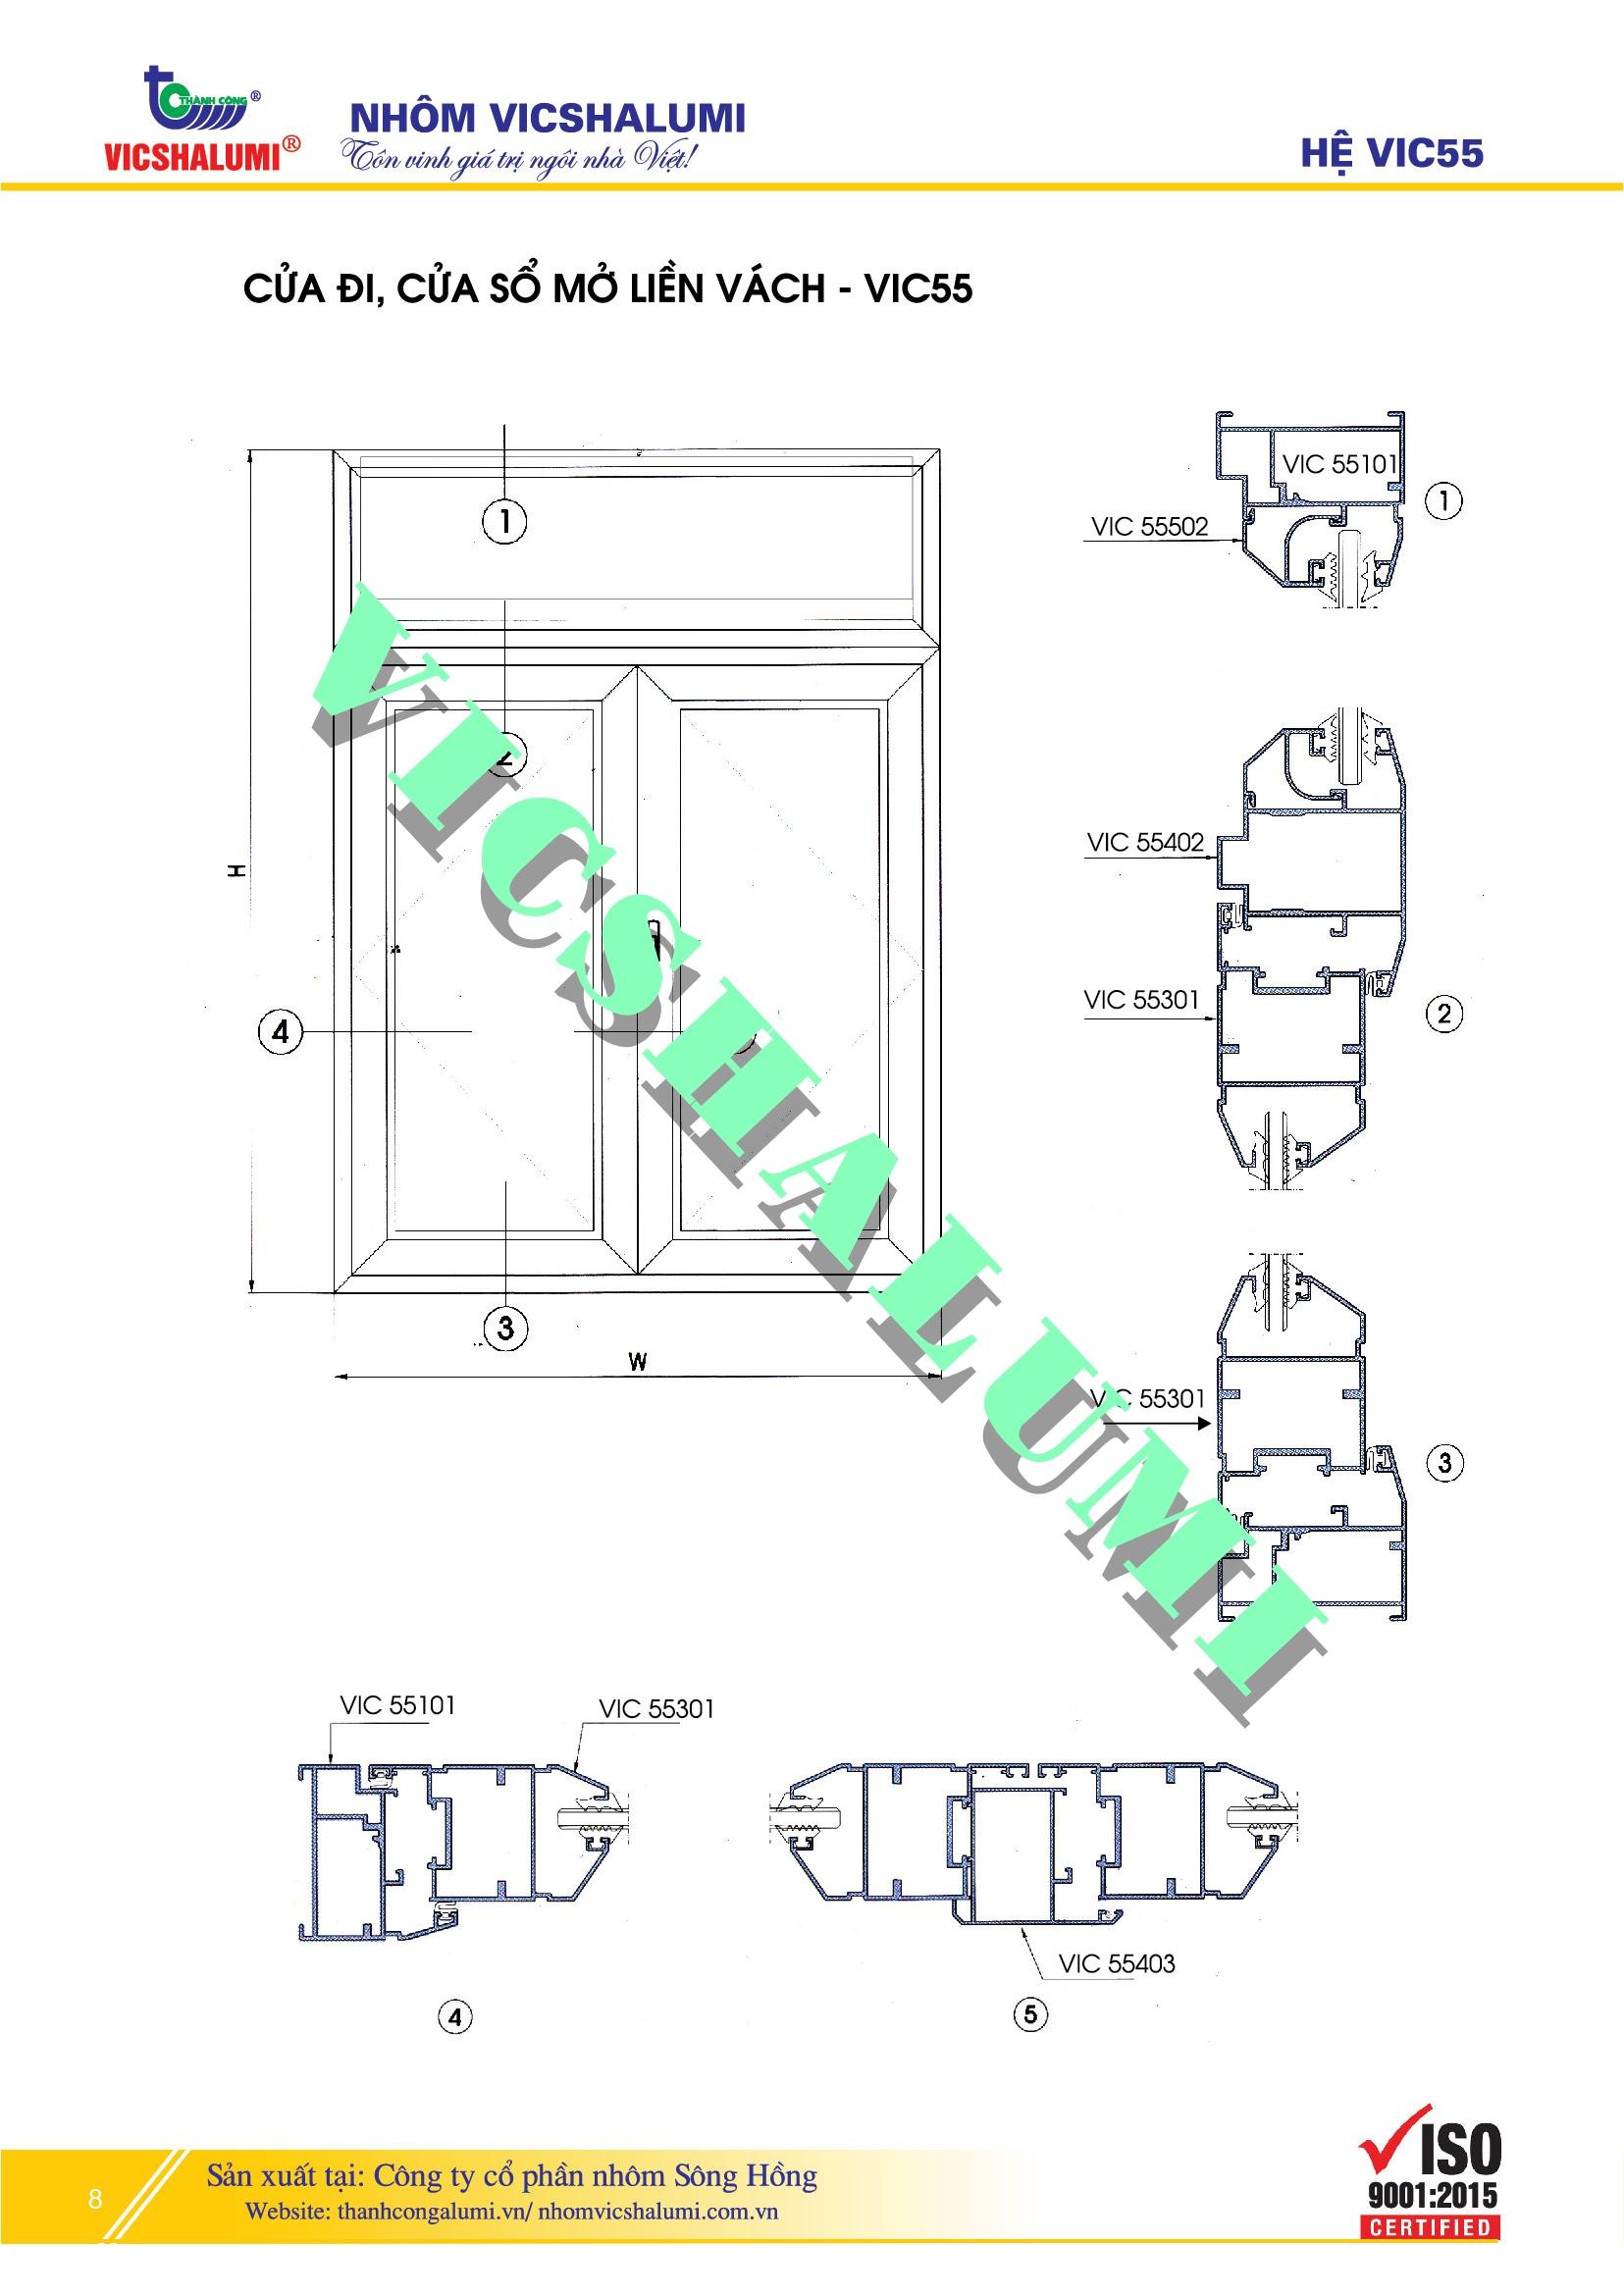 Cửa Đi, Cửa Sổ Mở Liền Vách - VIC55